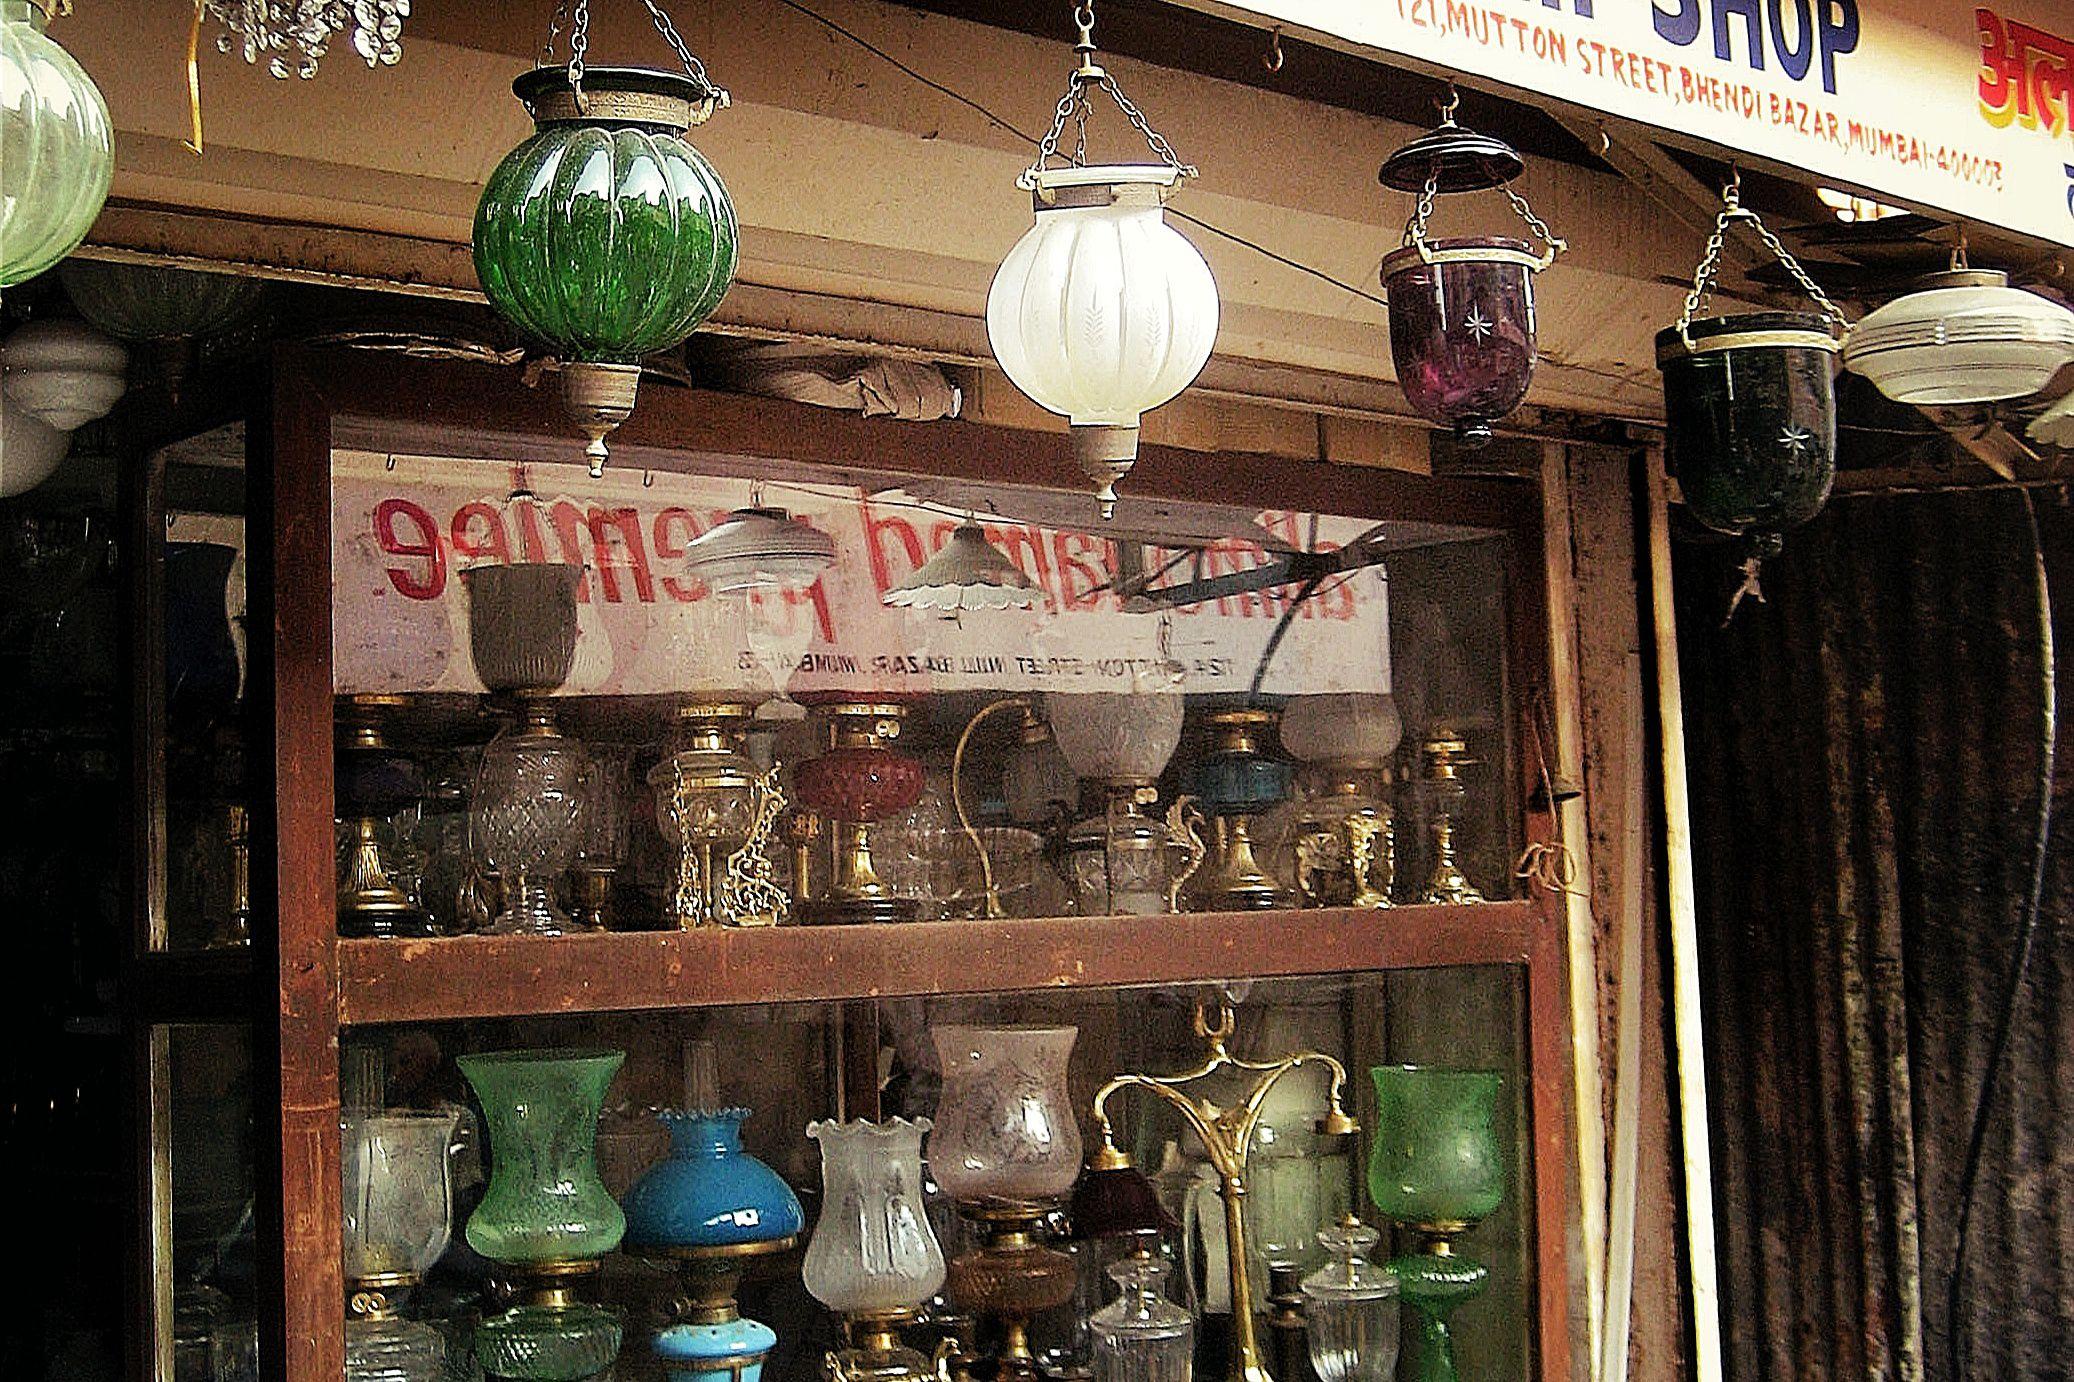 Lamp shop at 121 Mutton Street, Mumbai